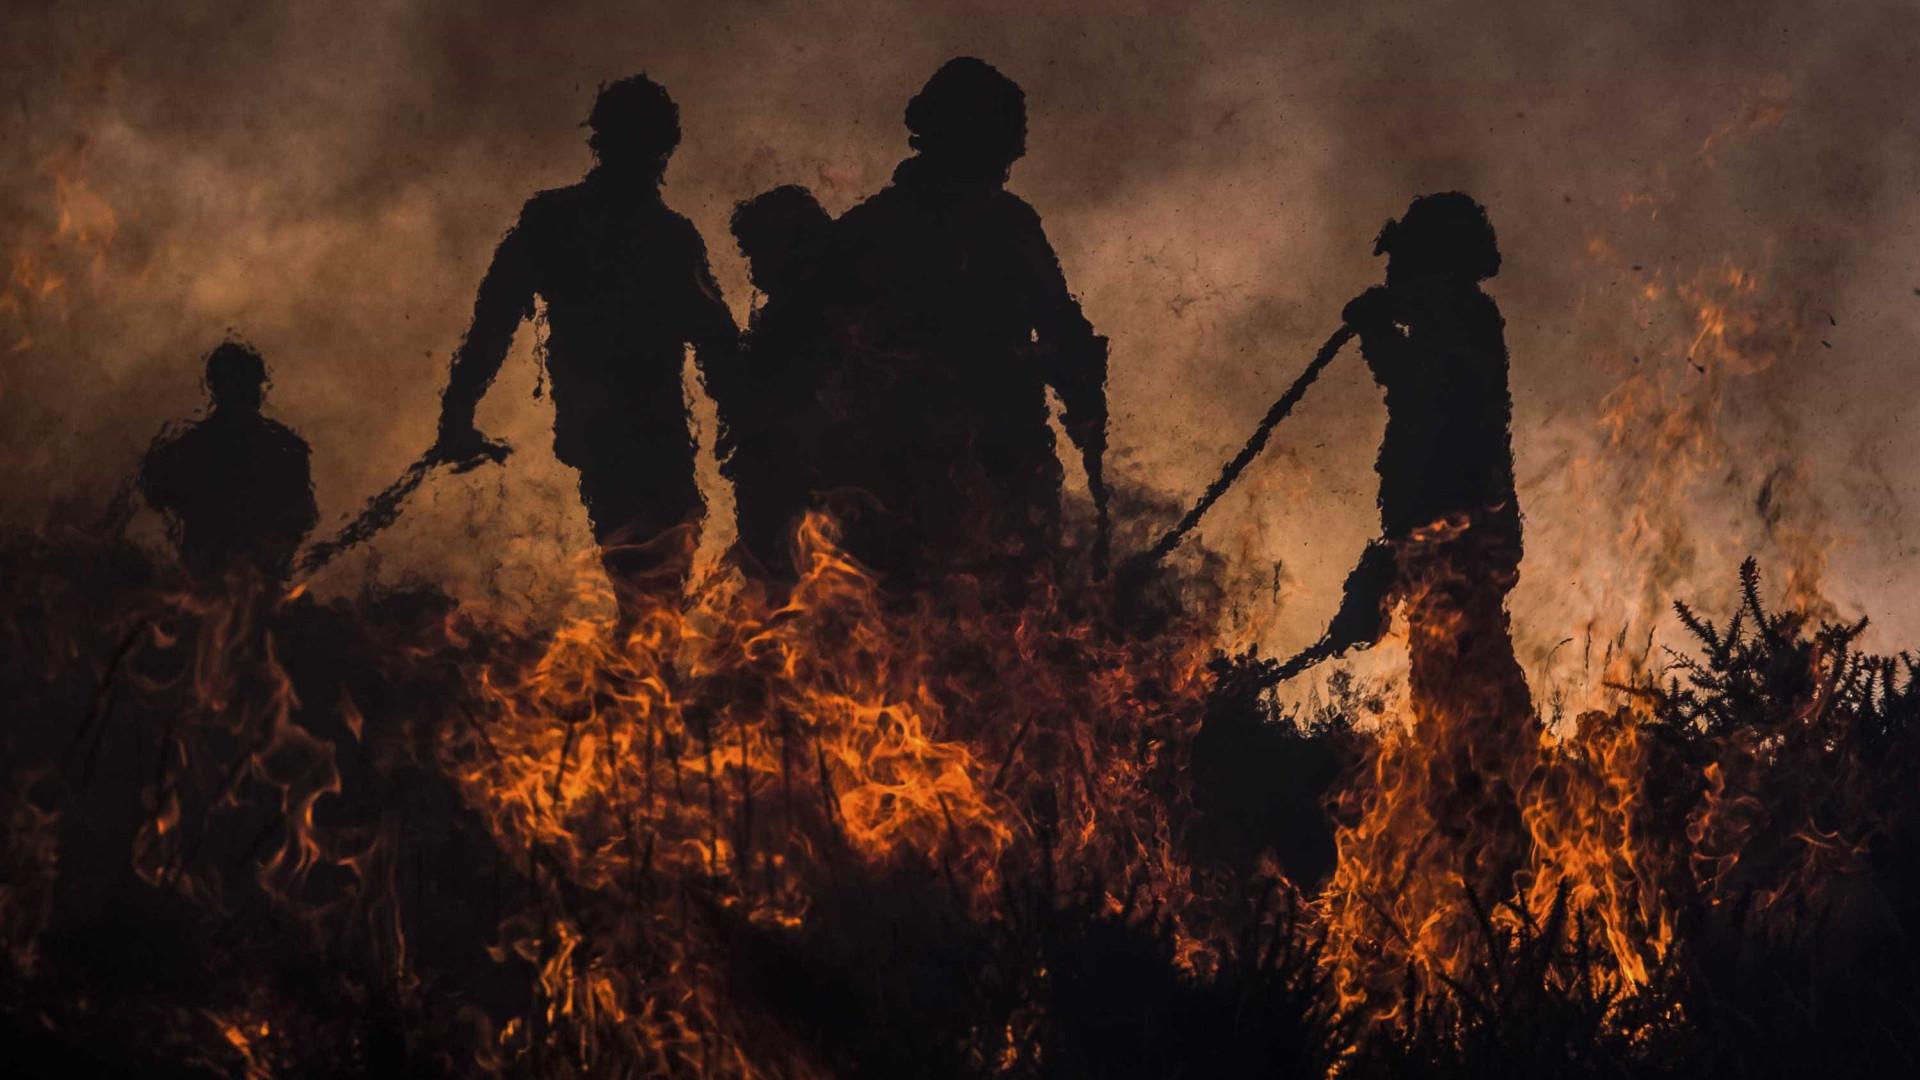 Tecnologia portuguesa ajuda a monitorizar sinais vitais em bombeiros